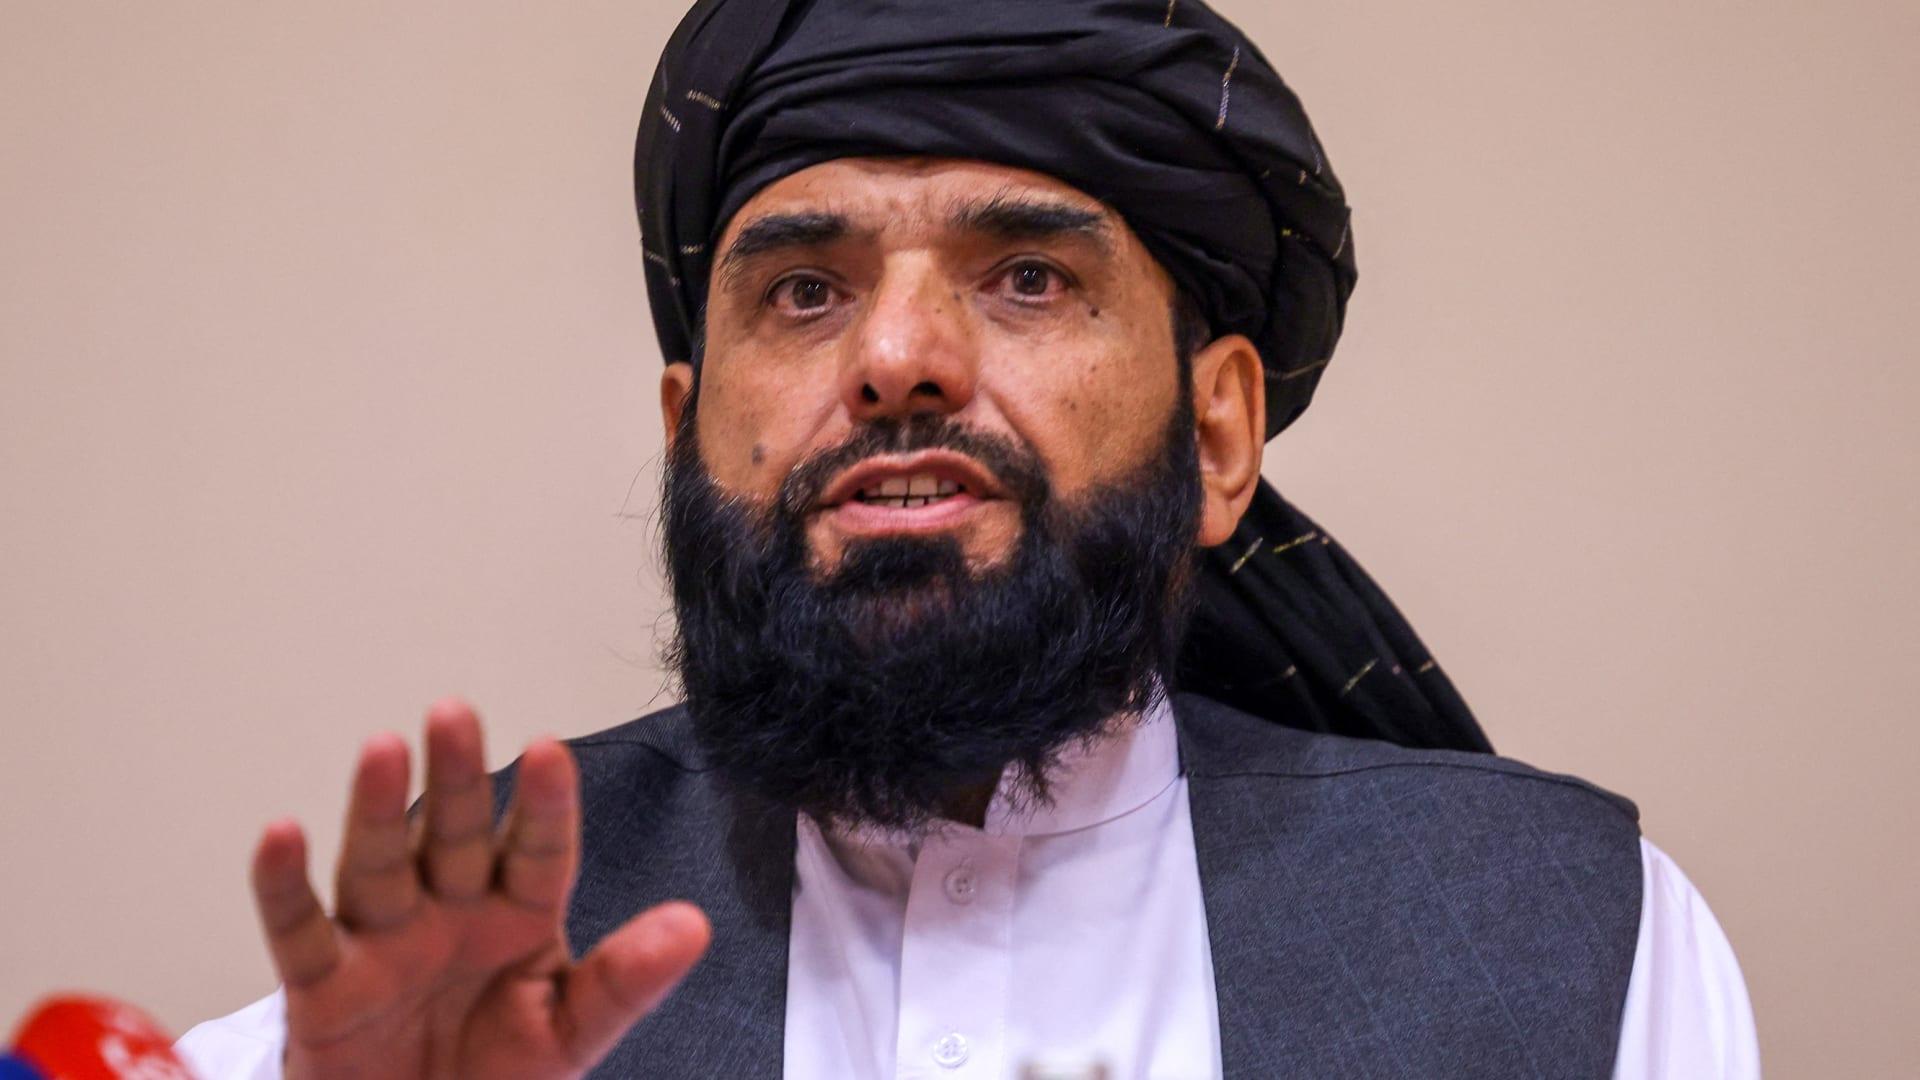 تنافس داعش خراسان وطالبان.. هل تندلع حرب أهلية بأفغانستان؟